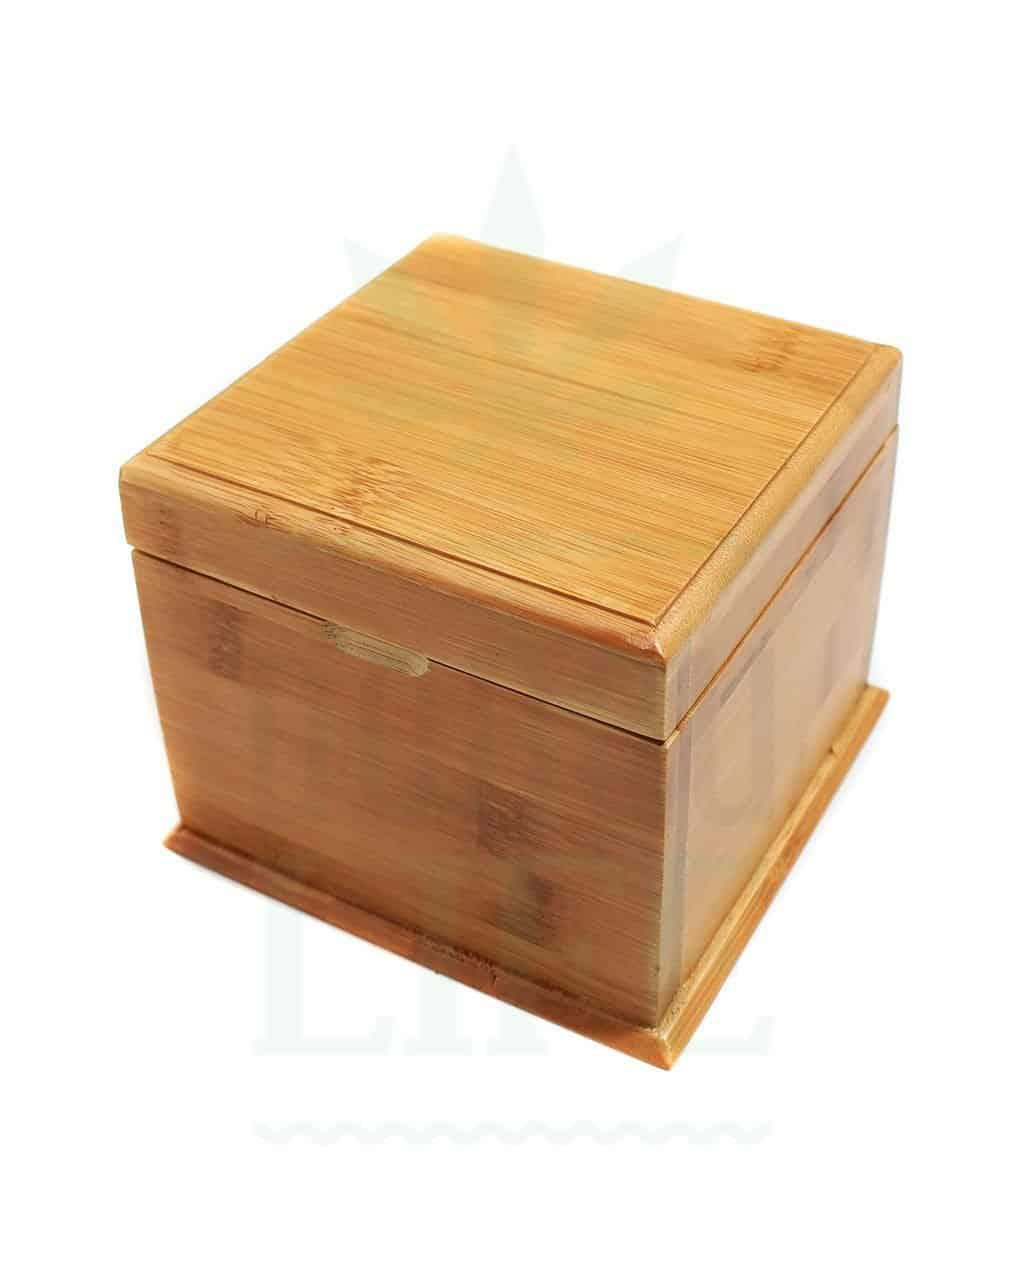 stashbox bambus 'little secret' mit geheimfach | donaulife